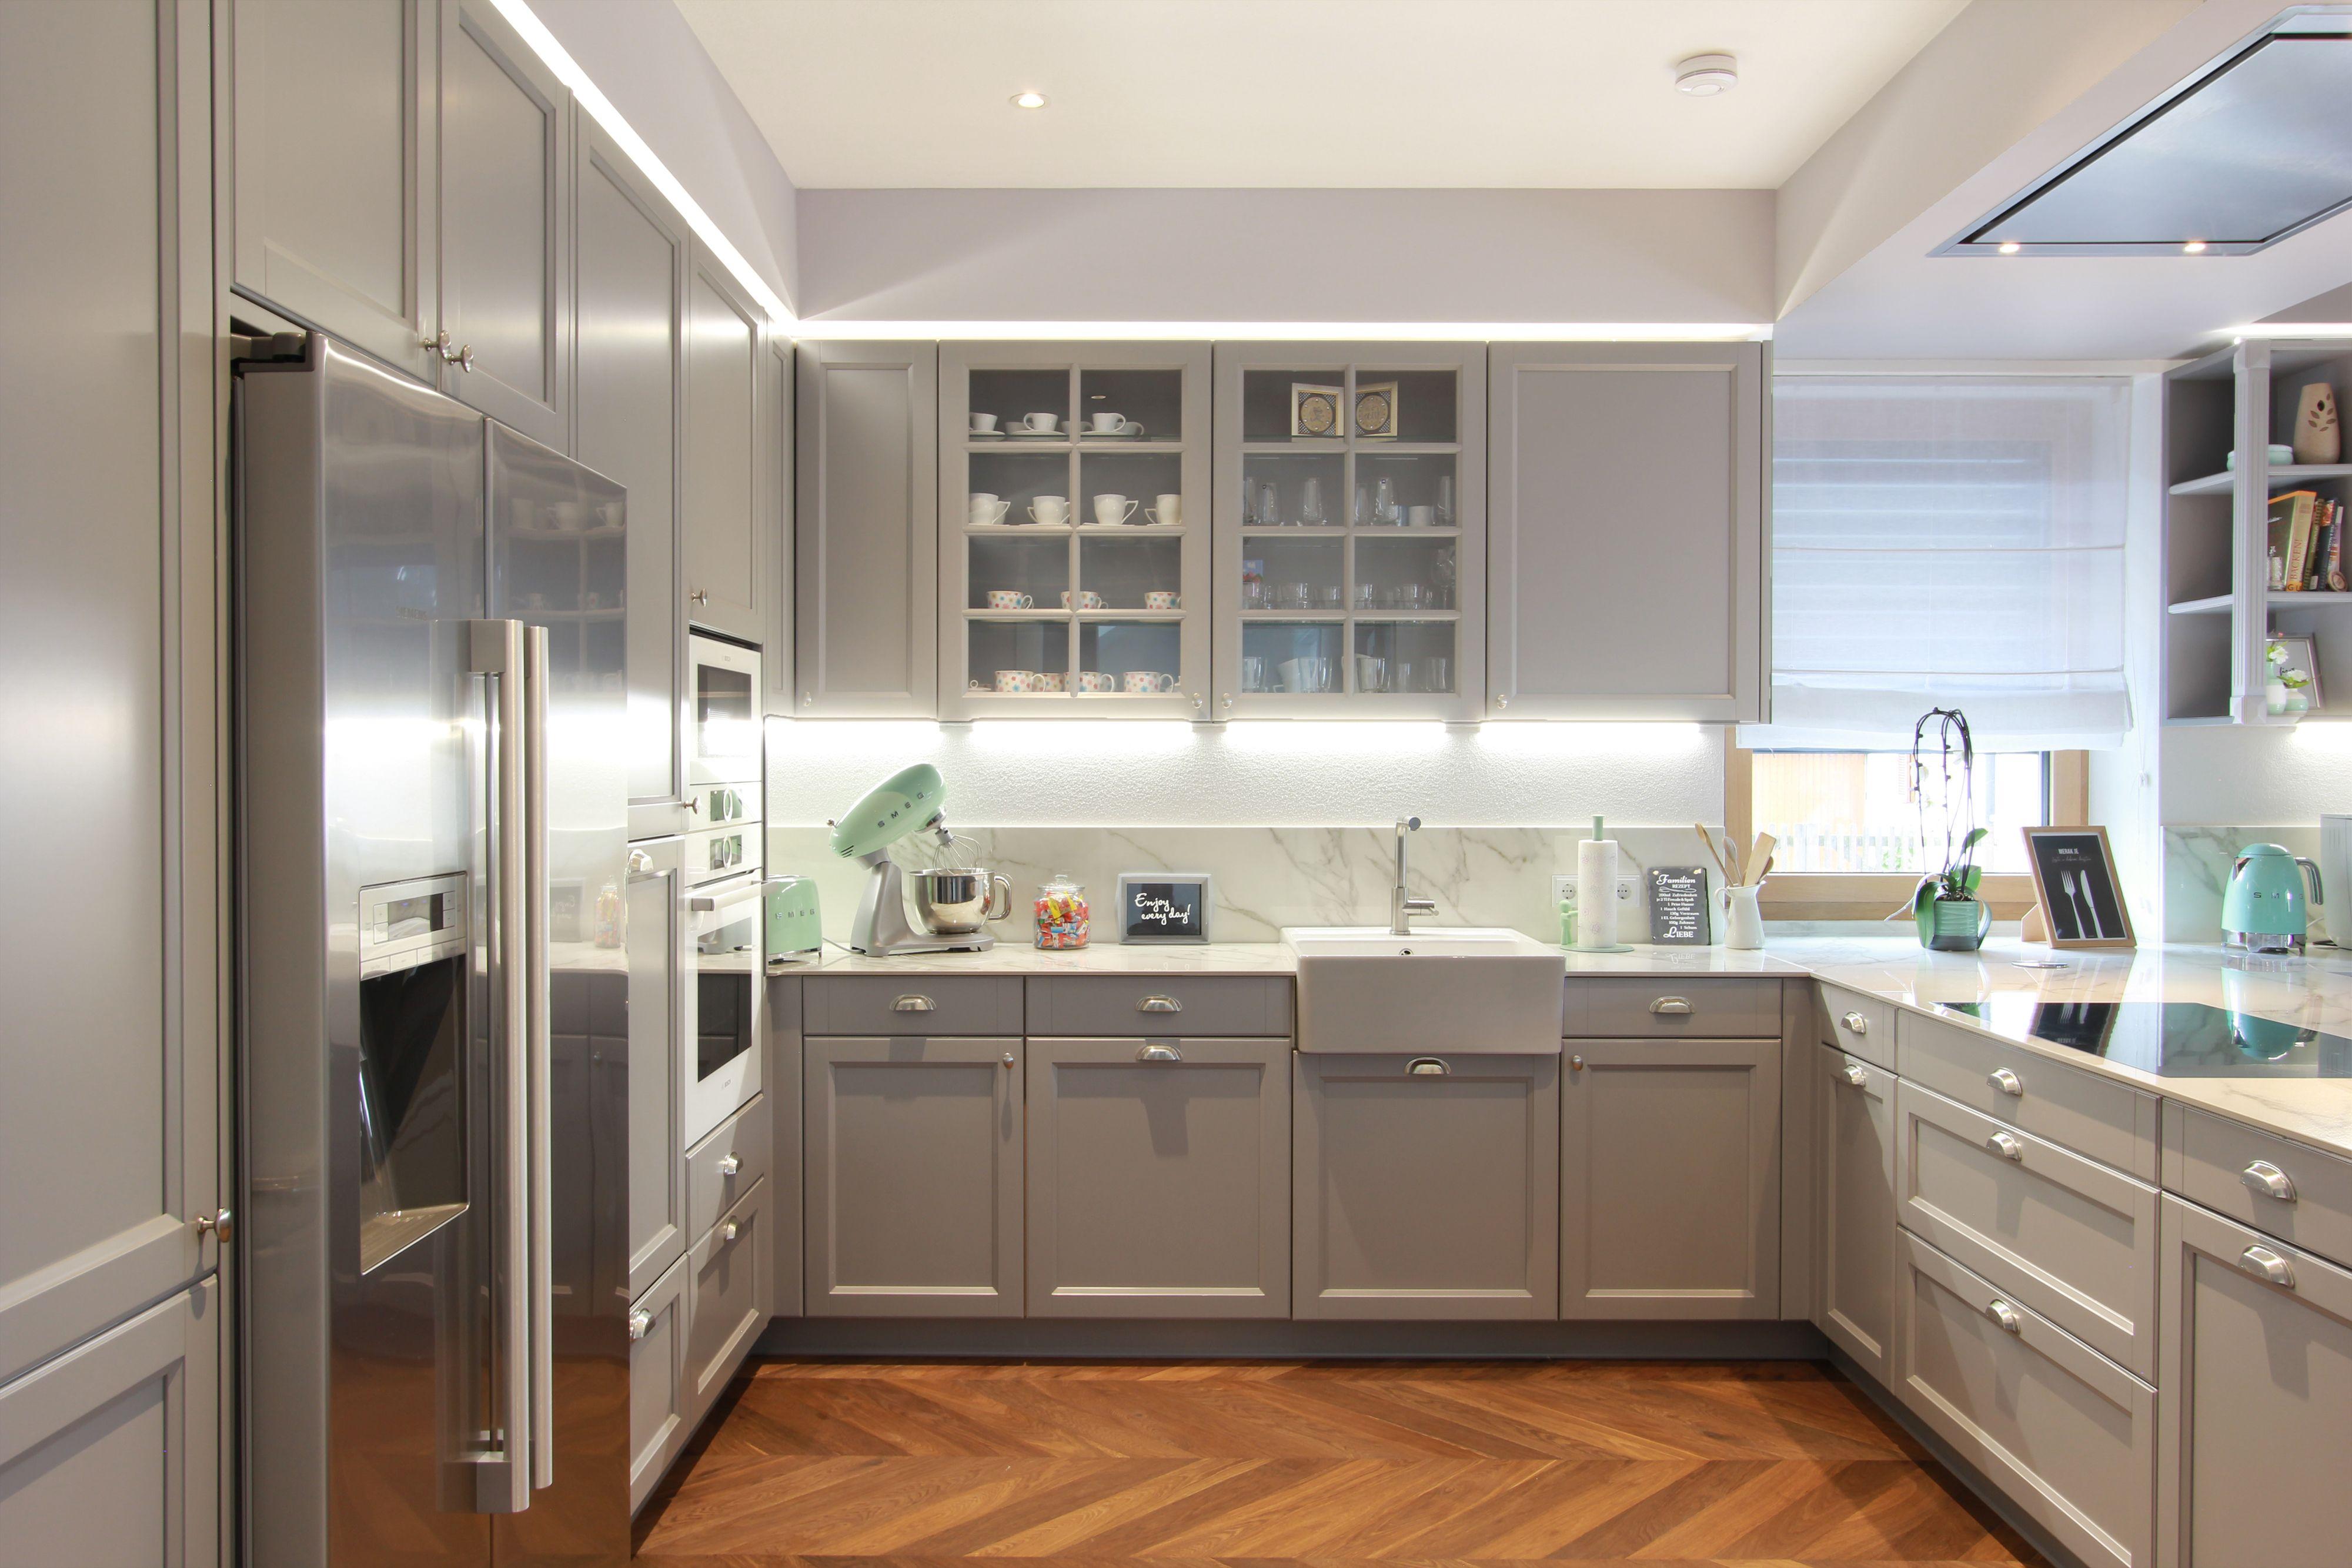 Englische Landhausküche in Grau | Haus küchen, Landhausküche, Wohnung küche